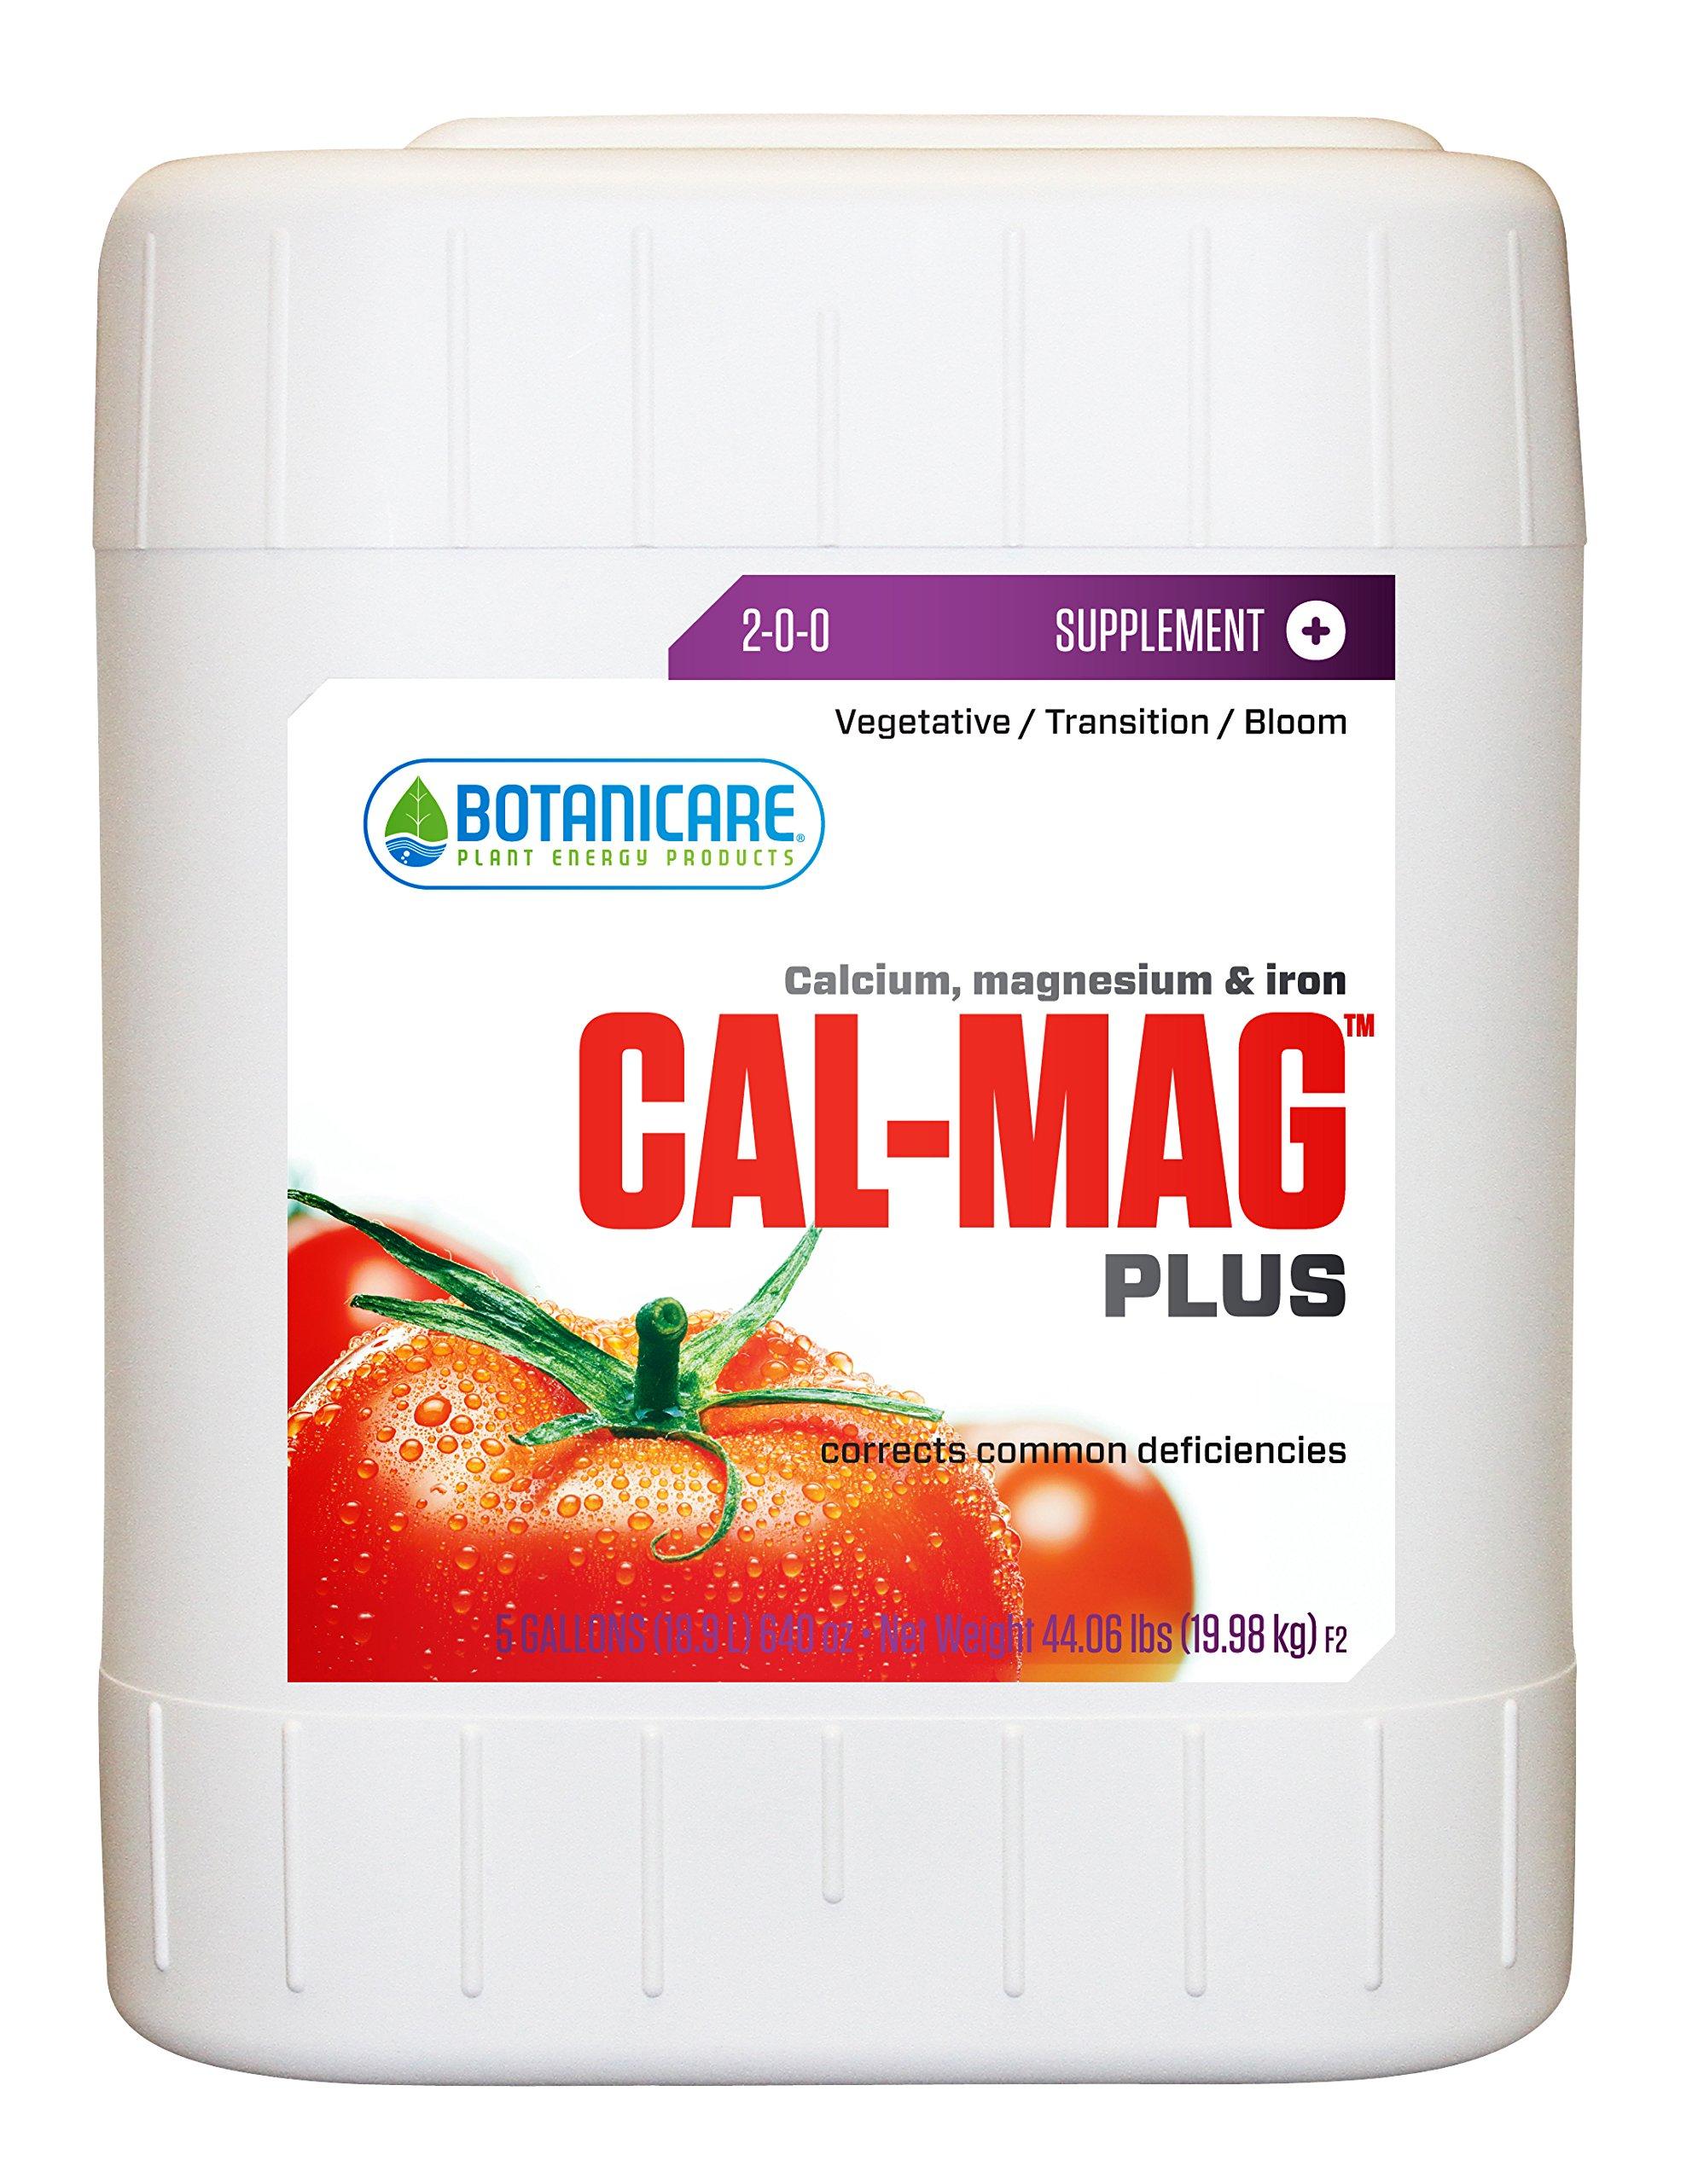 Botanicare HGC732125 Cal-Mag Plus Calcium, Magnesium & Iron Plant Supplement 5-Gallon